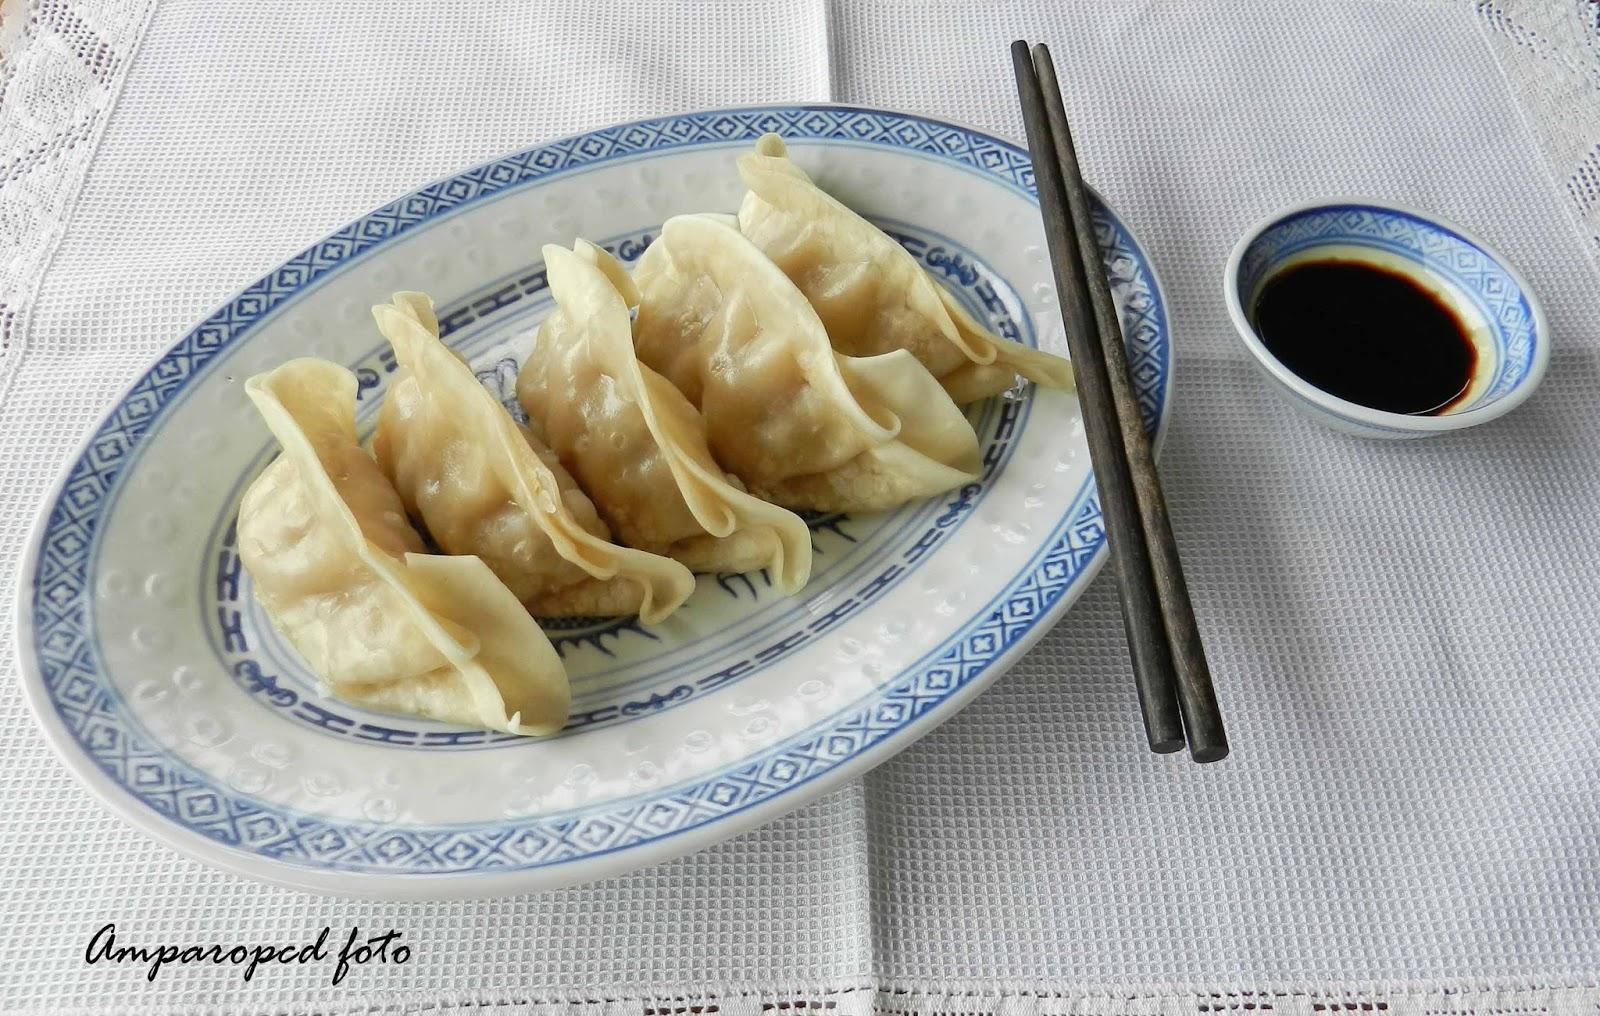 Cocinando en casa: Dim Sum (Empanadillas chinas)